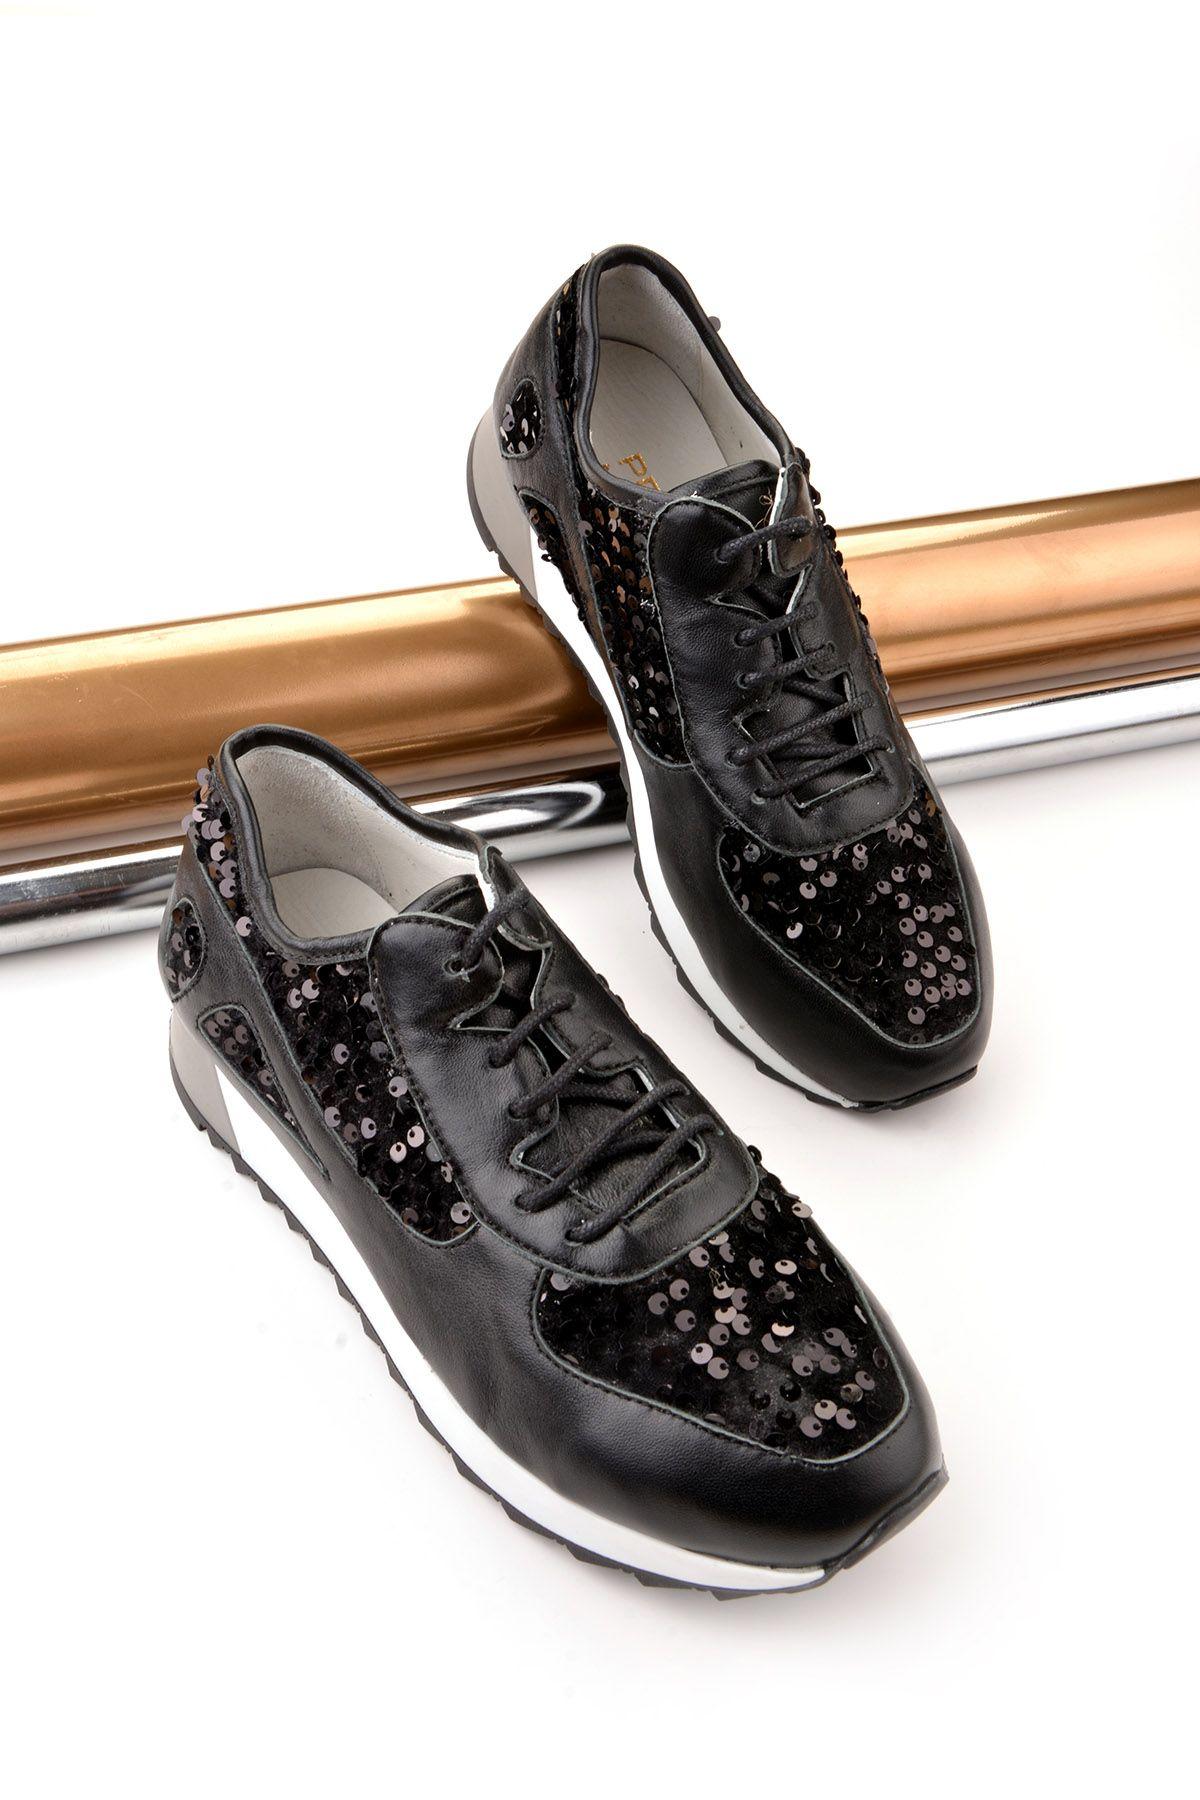 Pegia Anvers Hakiki Deri Bayan Spor Ayakkabı REC-013 Siyah